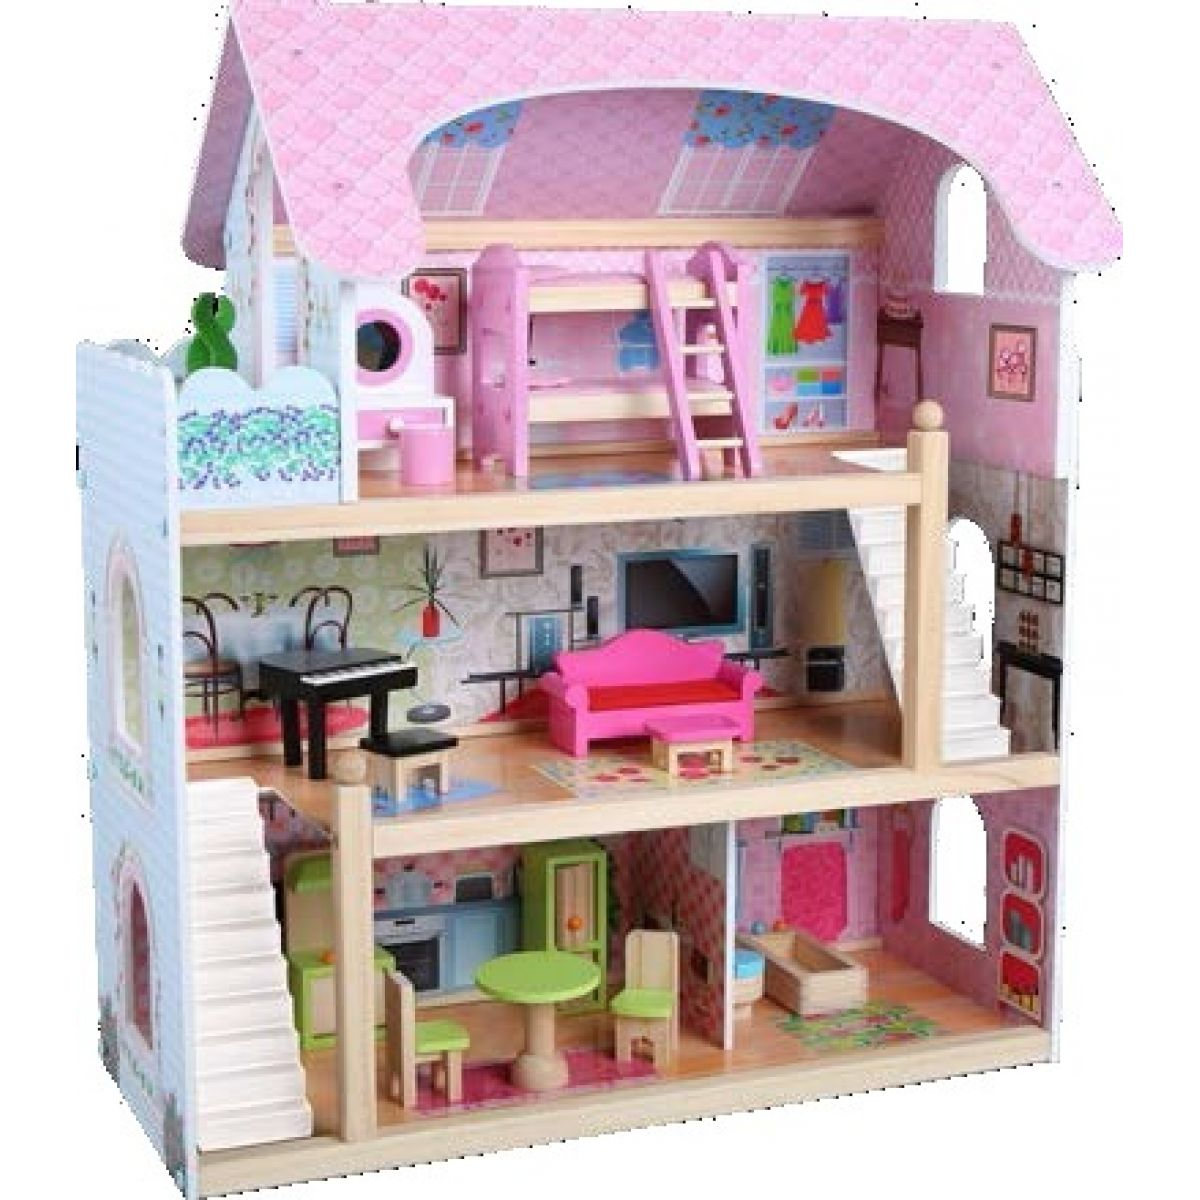 Dom pre bábiky 16 ks nábytku